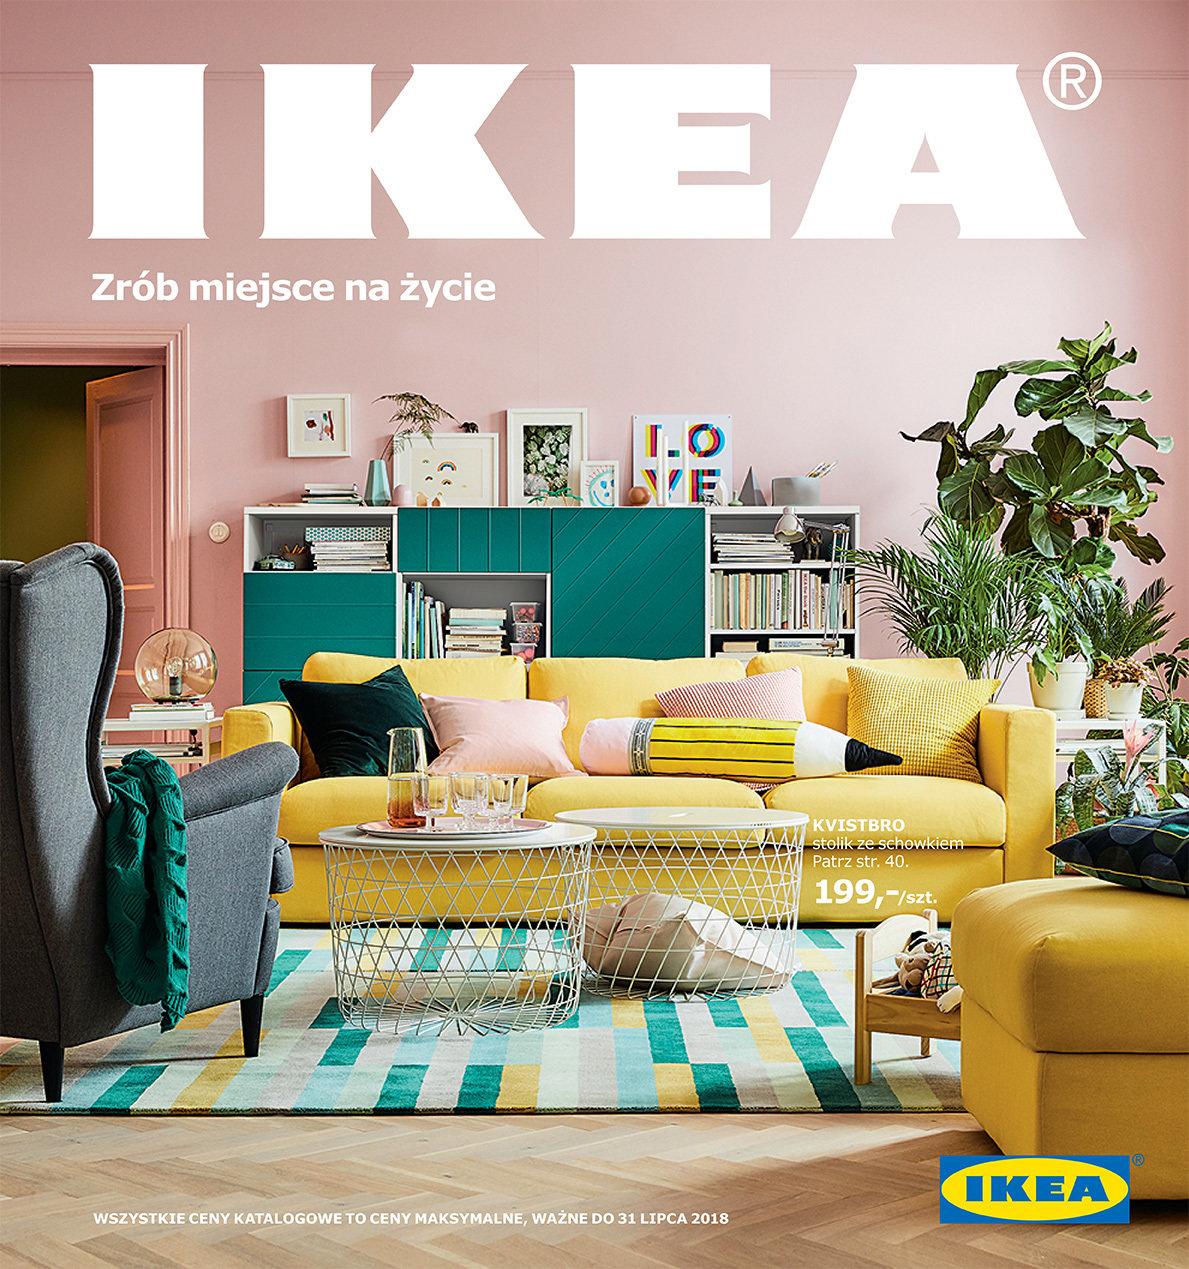 Życie to zmiany, zrób na nie miejsce.  Nowy Katalog IKEA 2018 inspiruje do zmian w domu.